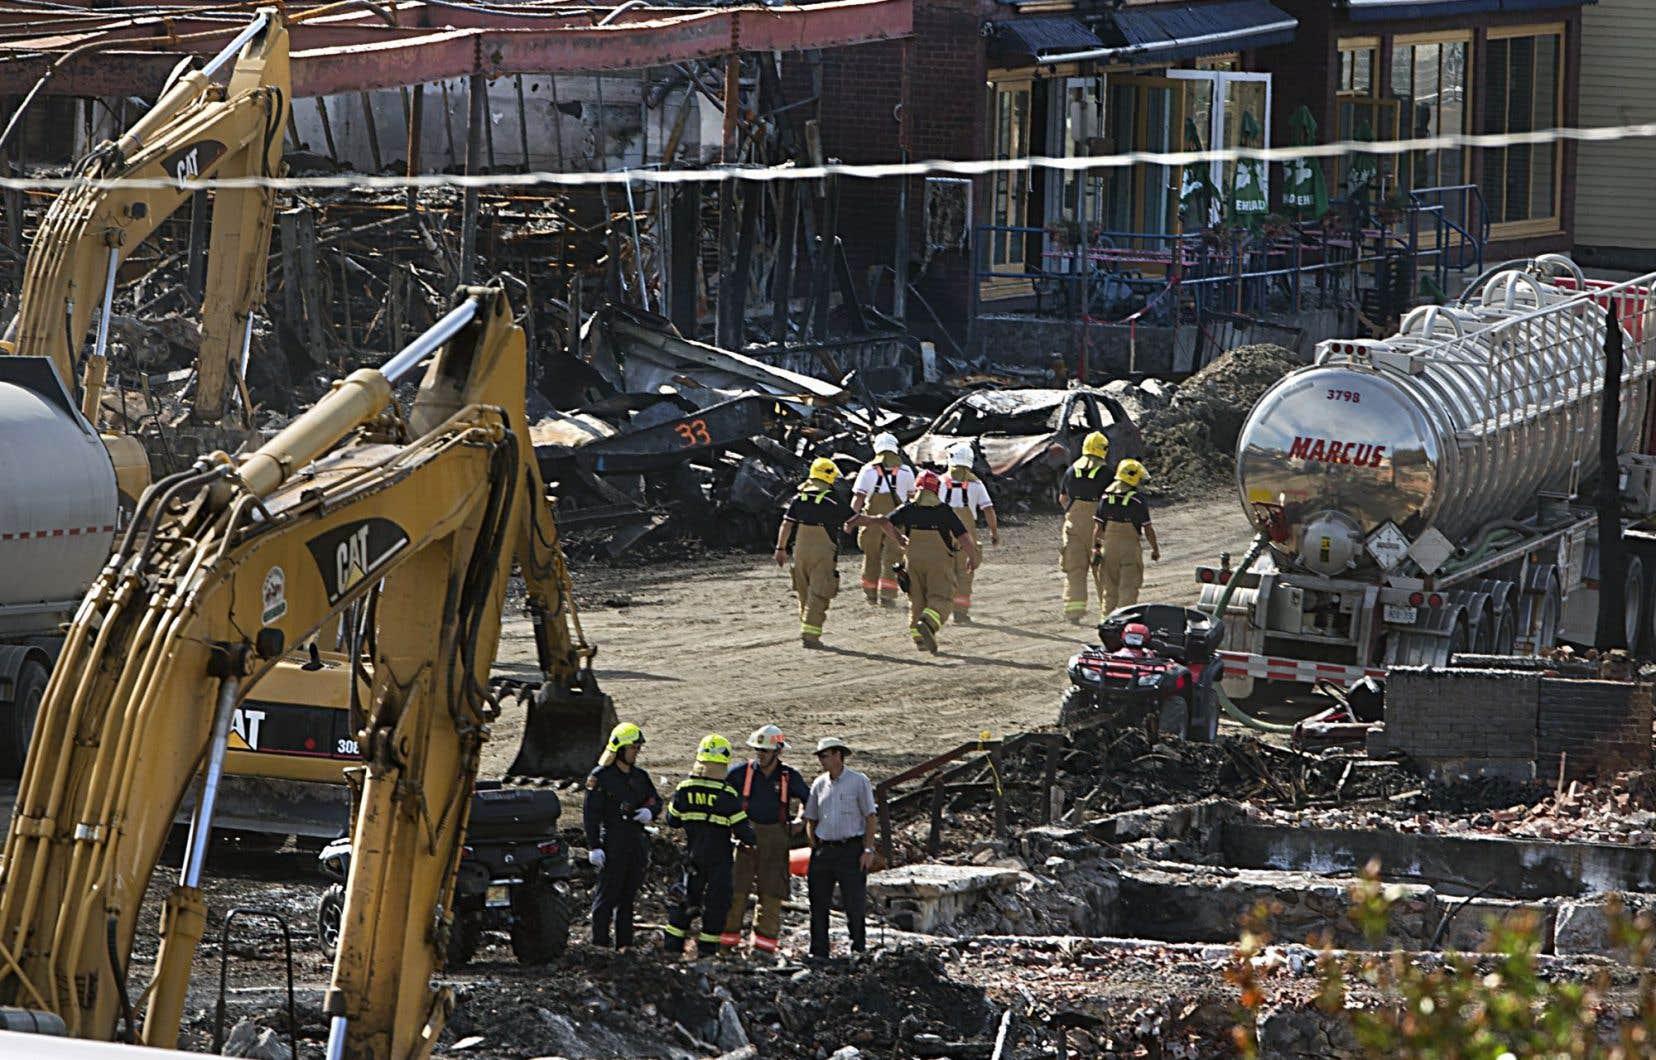 Les wagons qui ont explosé au centre-ville de Lac-Mégantic ont causé des dommages colossaux.